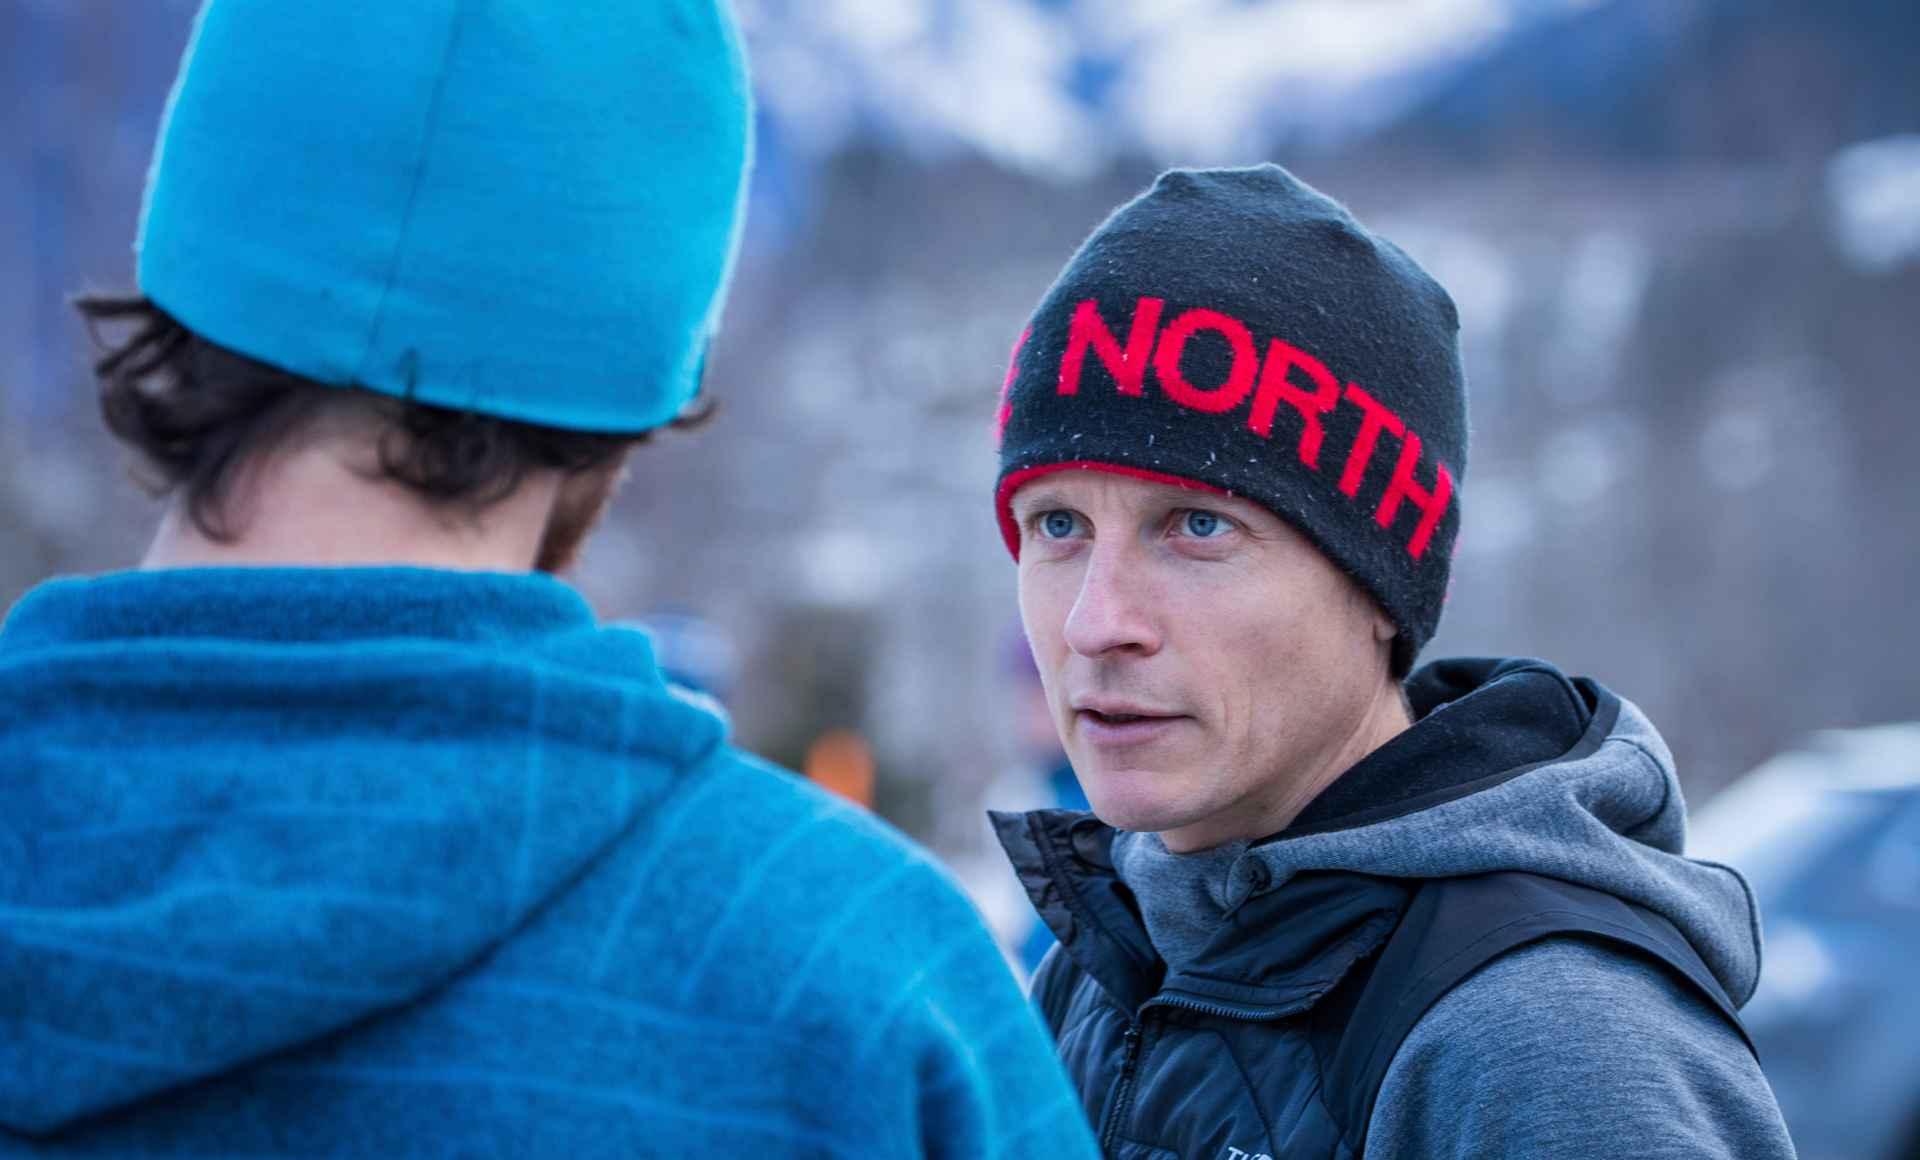 Tijdens de klimtest hadden de sporters levendige discussies over de nieuwe modellen.